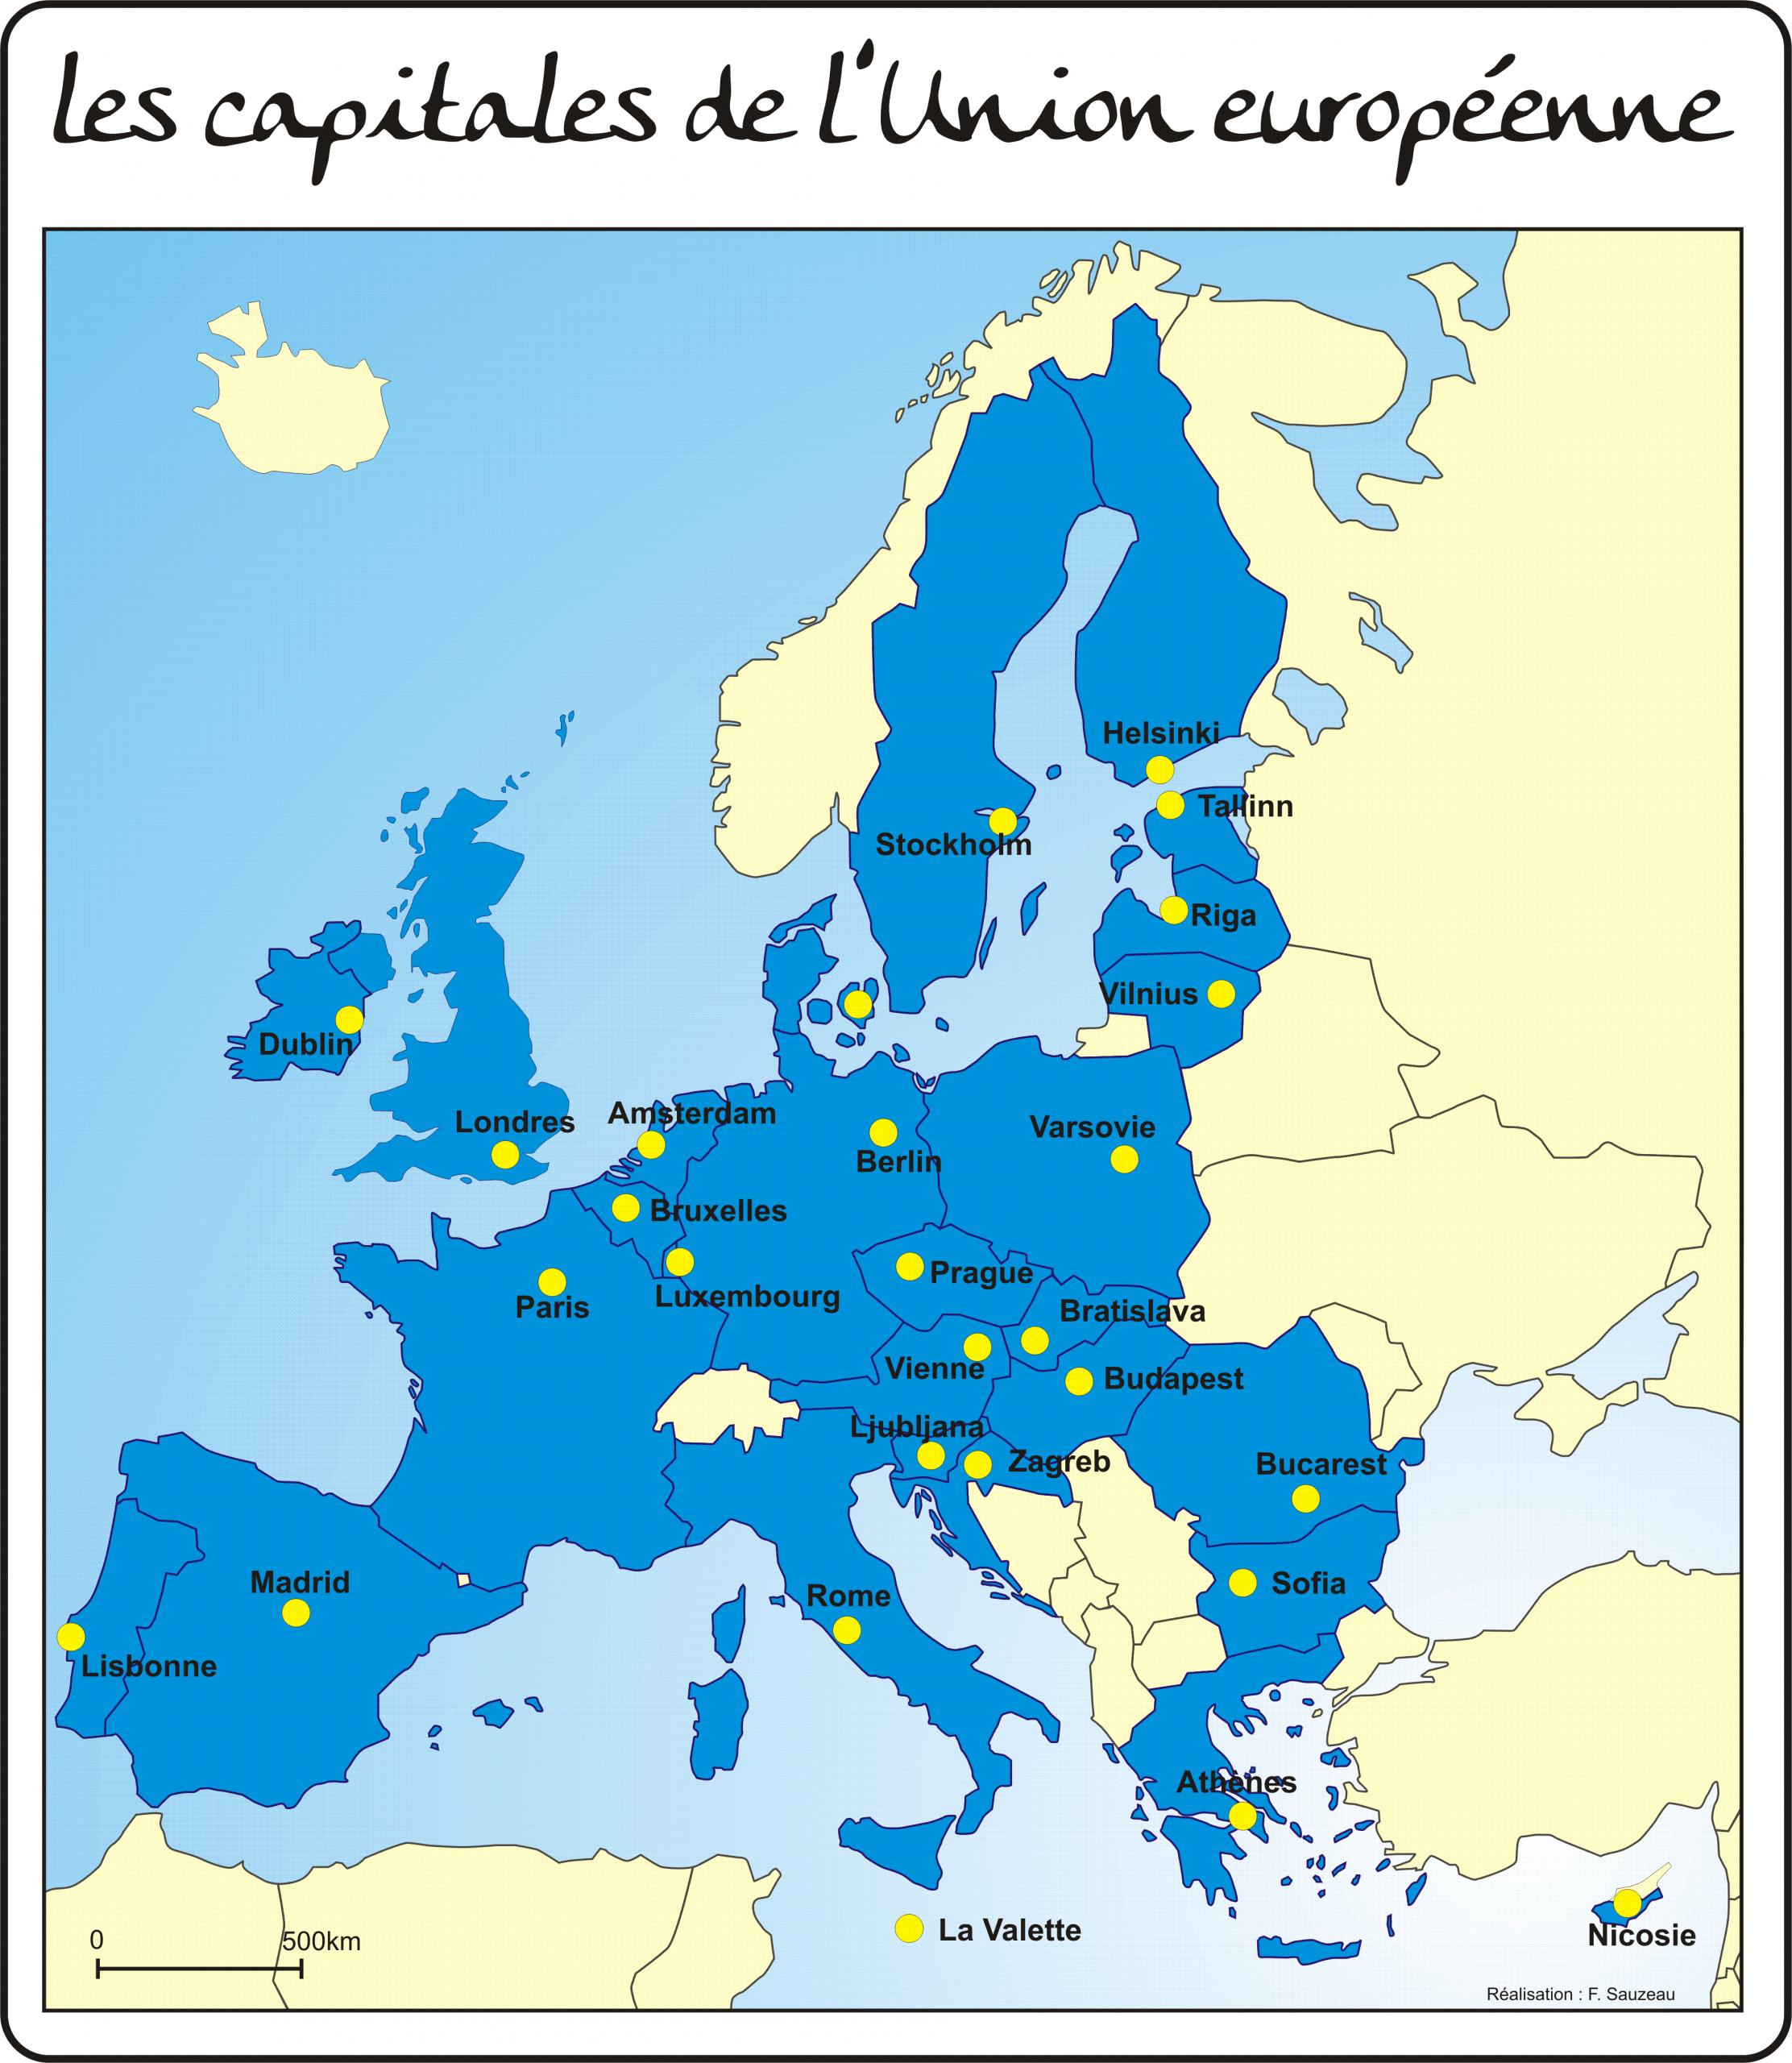 Les Repères Géographiques Du Dnb avec Capitale Union Européenne